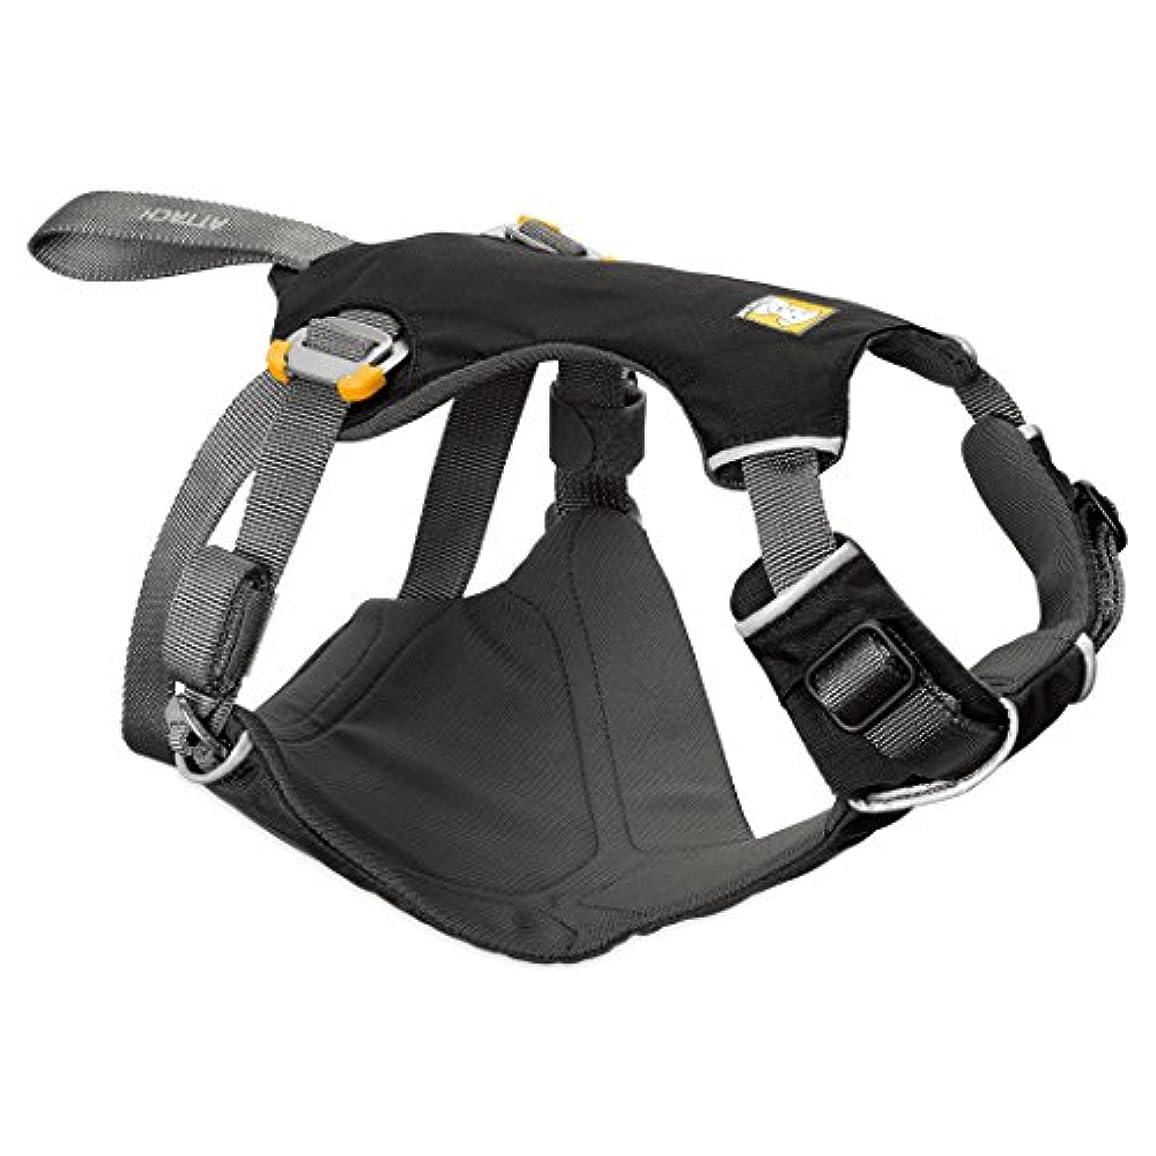 うれしい円周スクリーチ[RUFFWEAR(ラフウェア)] 犬用シートベルト ロードアップハーネス S ブラック 【正規輸入品】